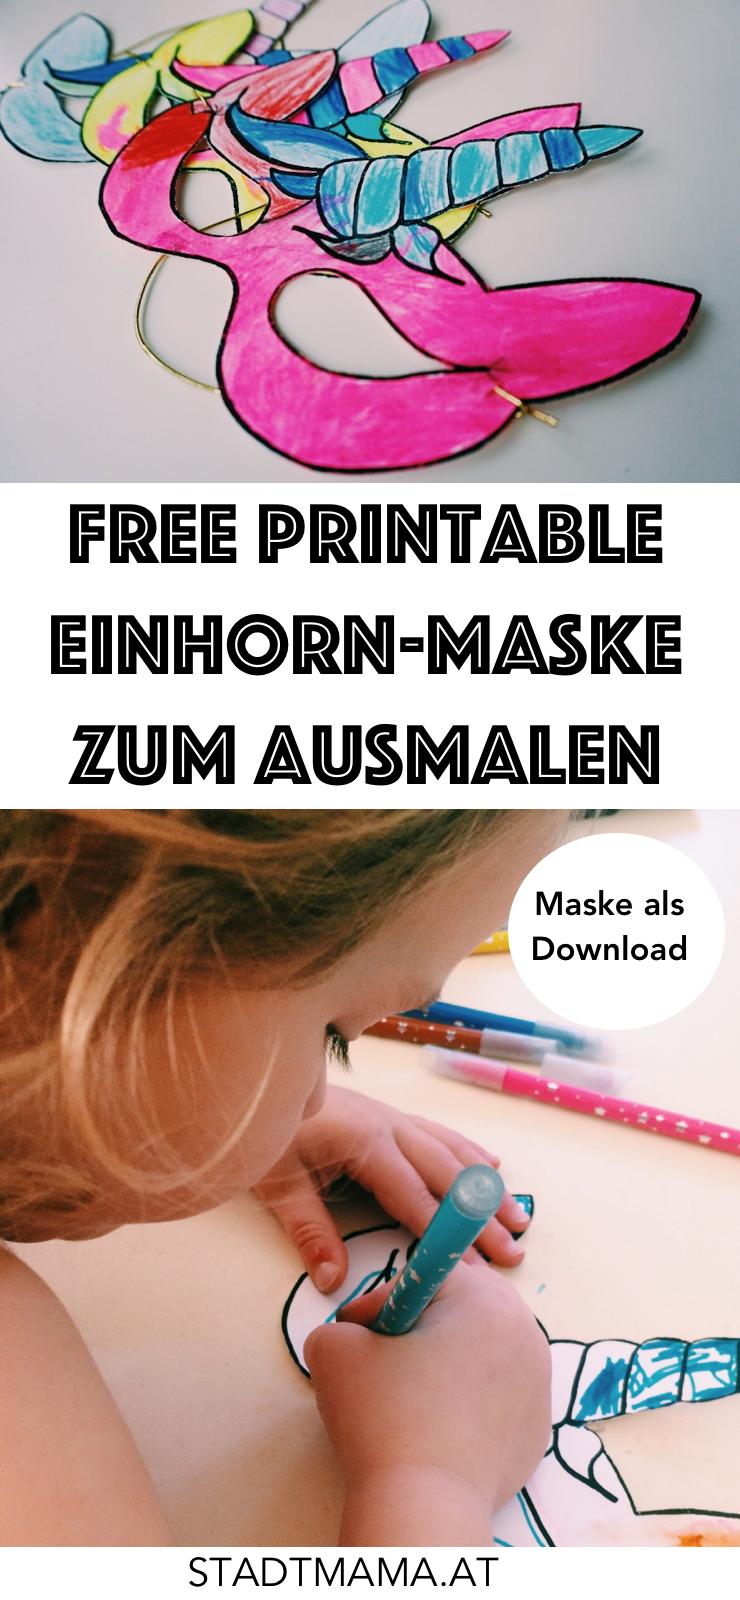 Kostenloses Printable für Einhorn Masken zum Download! Wir haben die Masken auch als Einhorn-Geburtstagseinladungen benutzt.